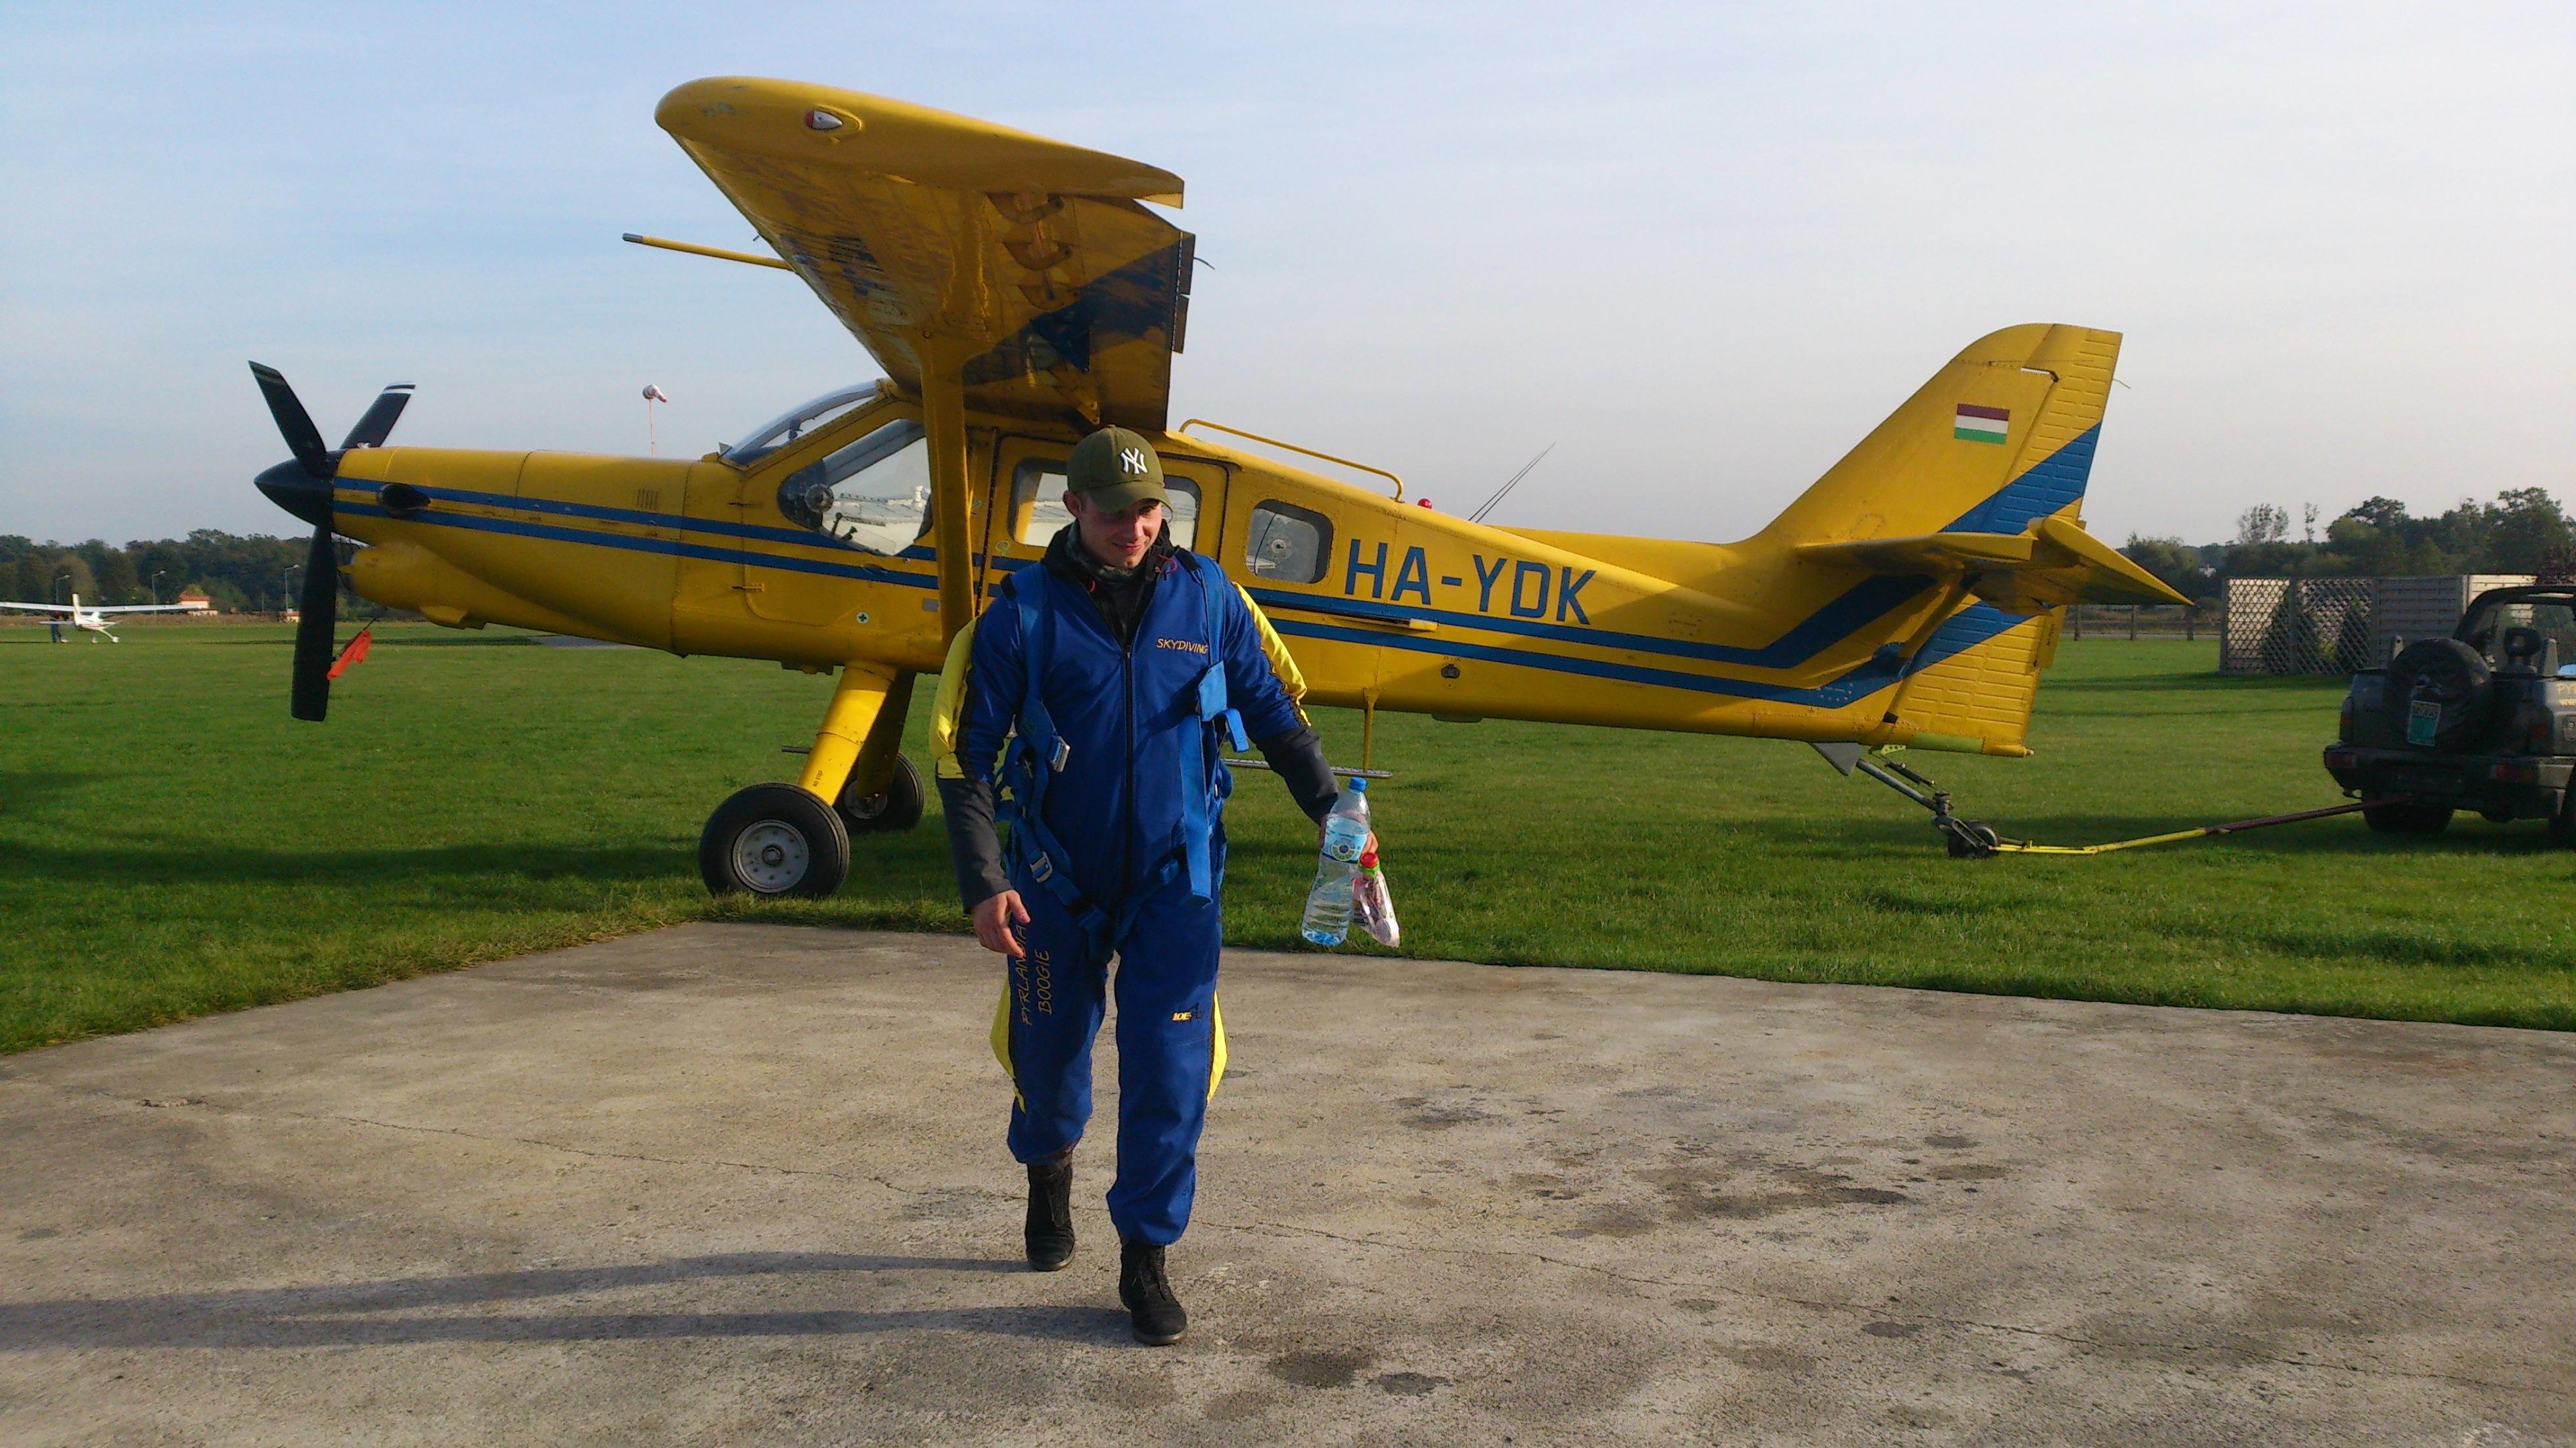 pierwsza pomoc Pyrlandia Boogie, żółty ptak, skoki spadochronowe, skydive class=